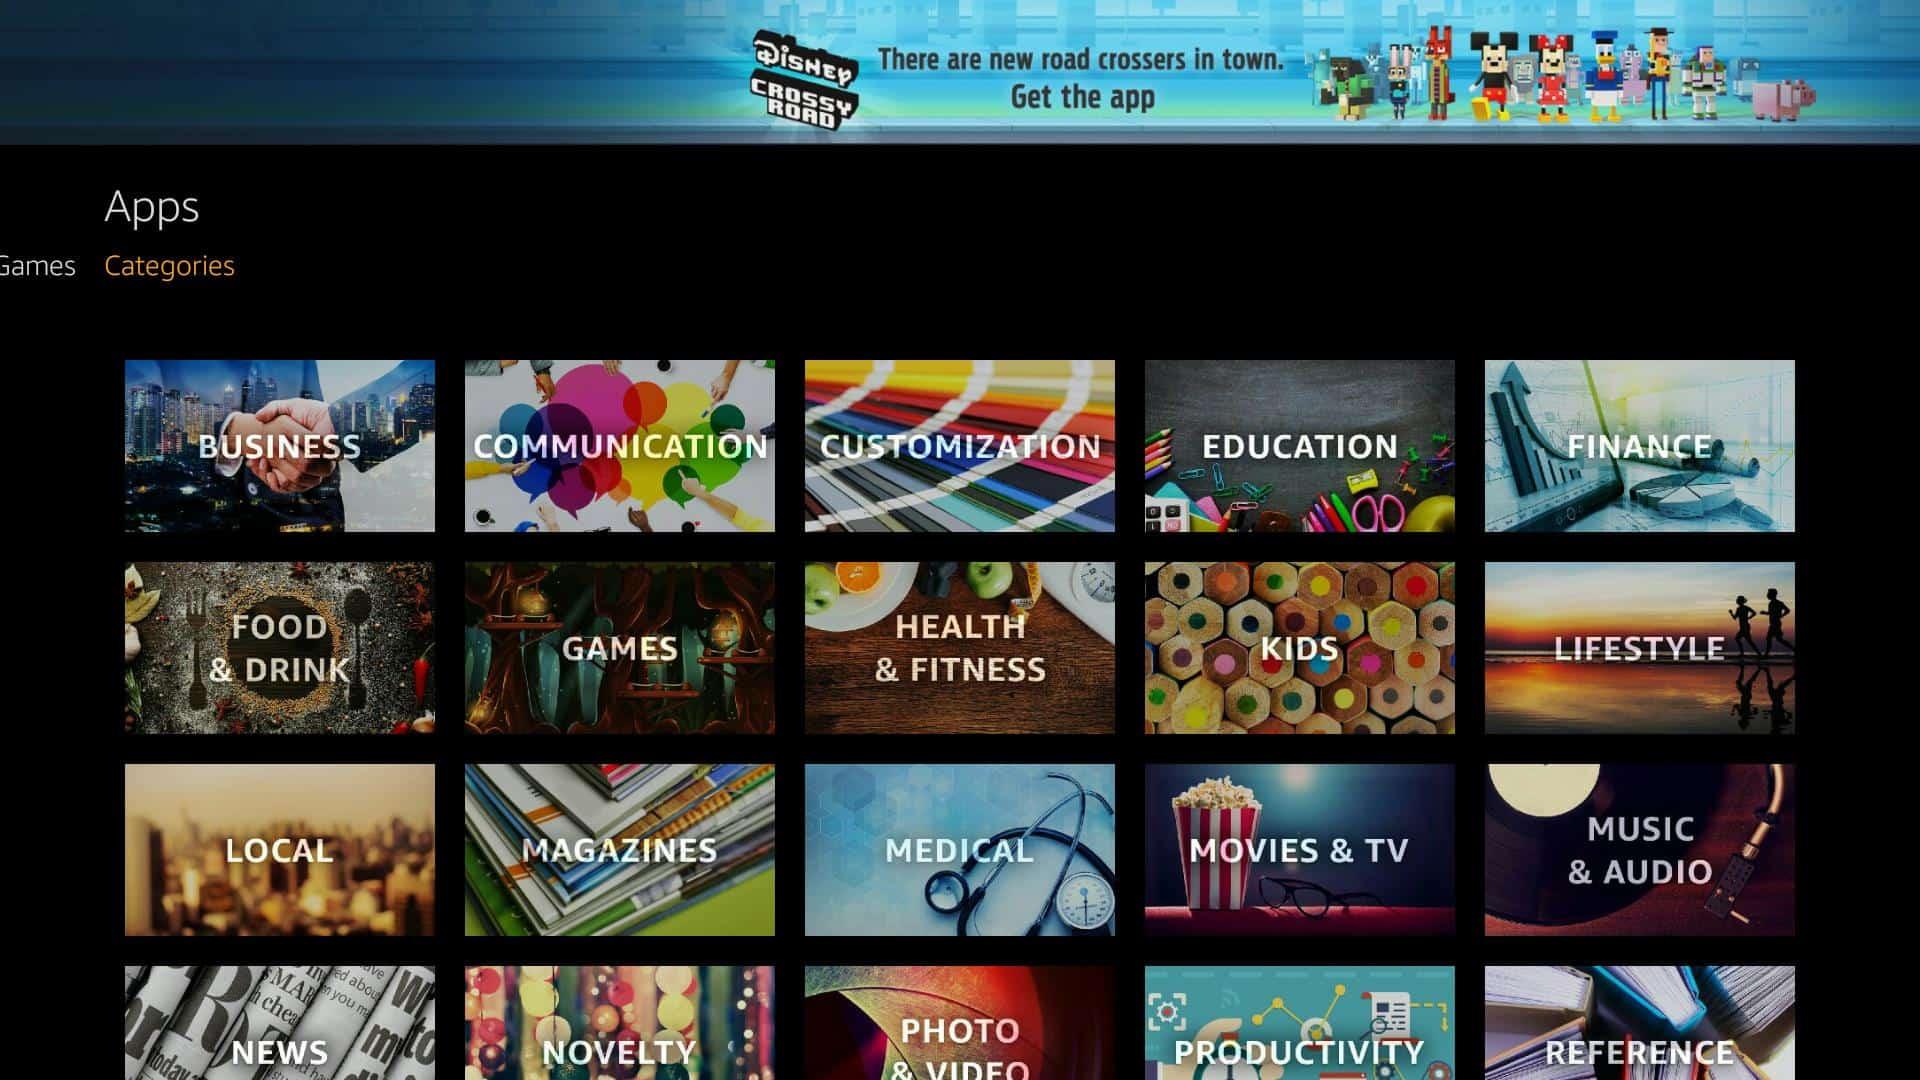 Fire TV Plex App - Install 2